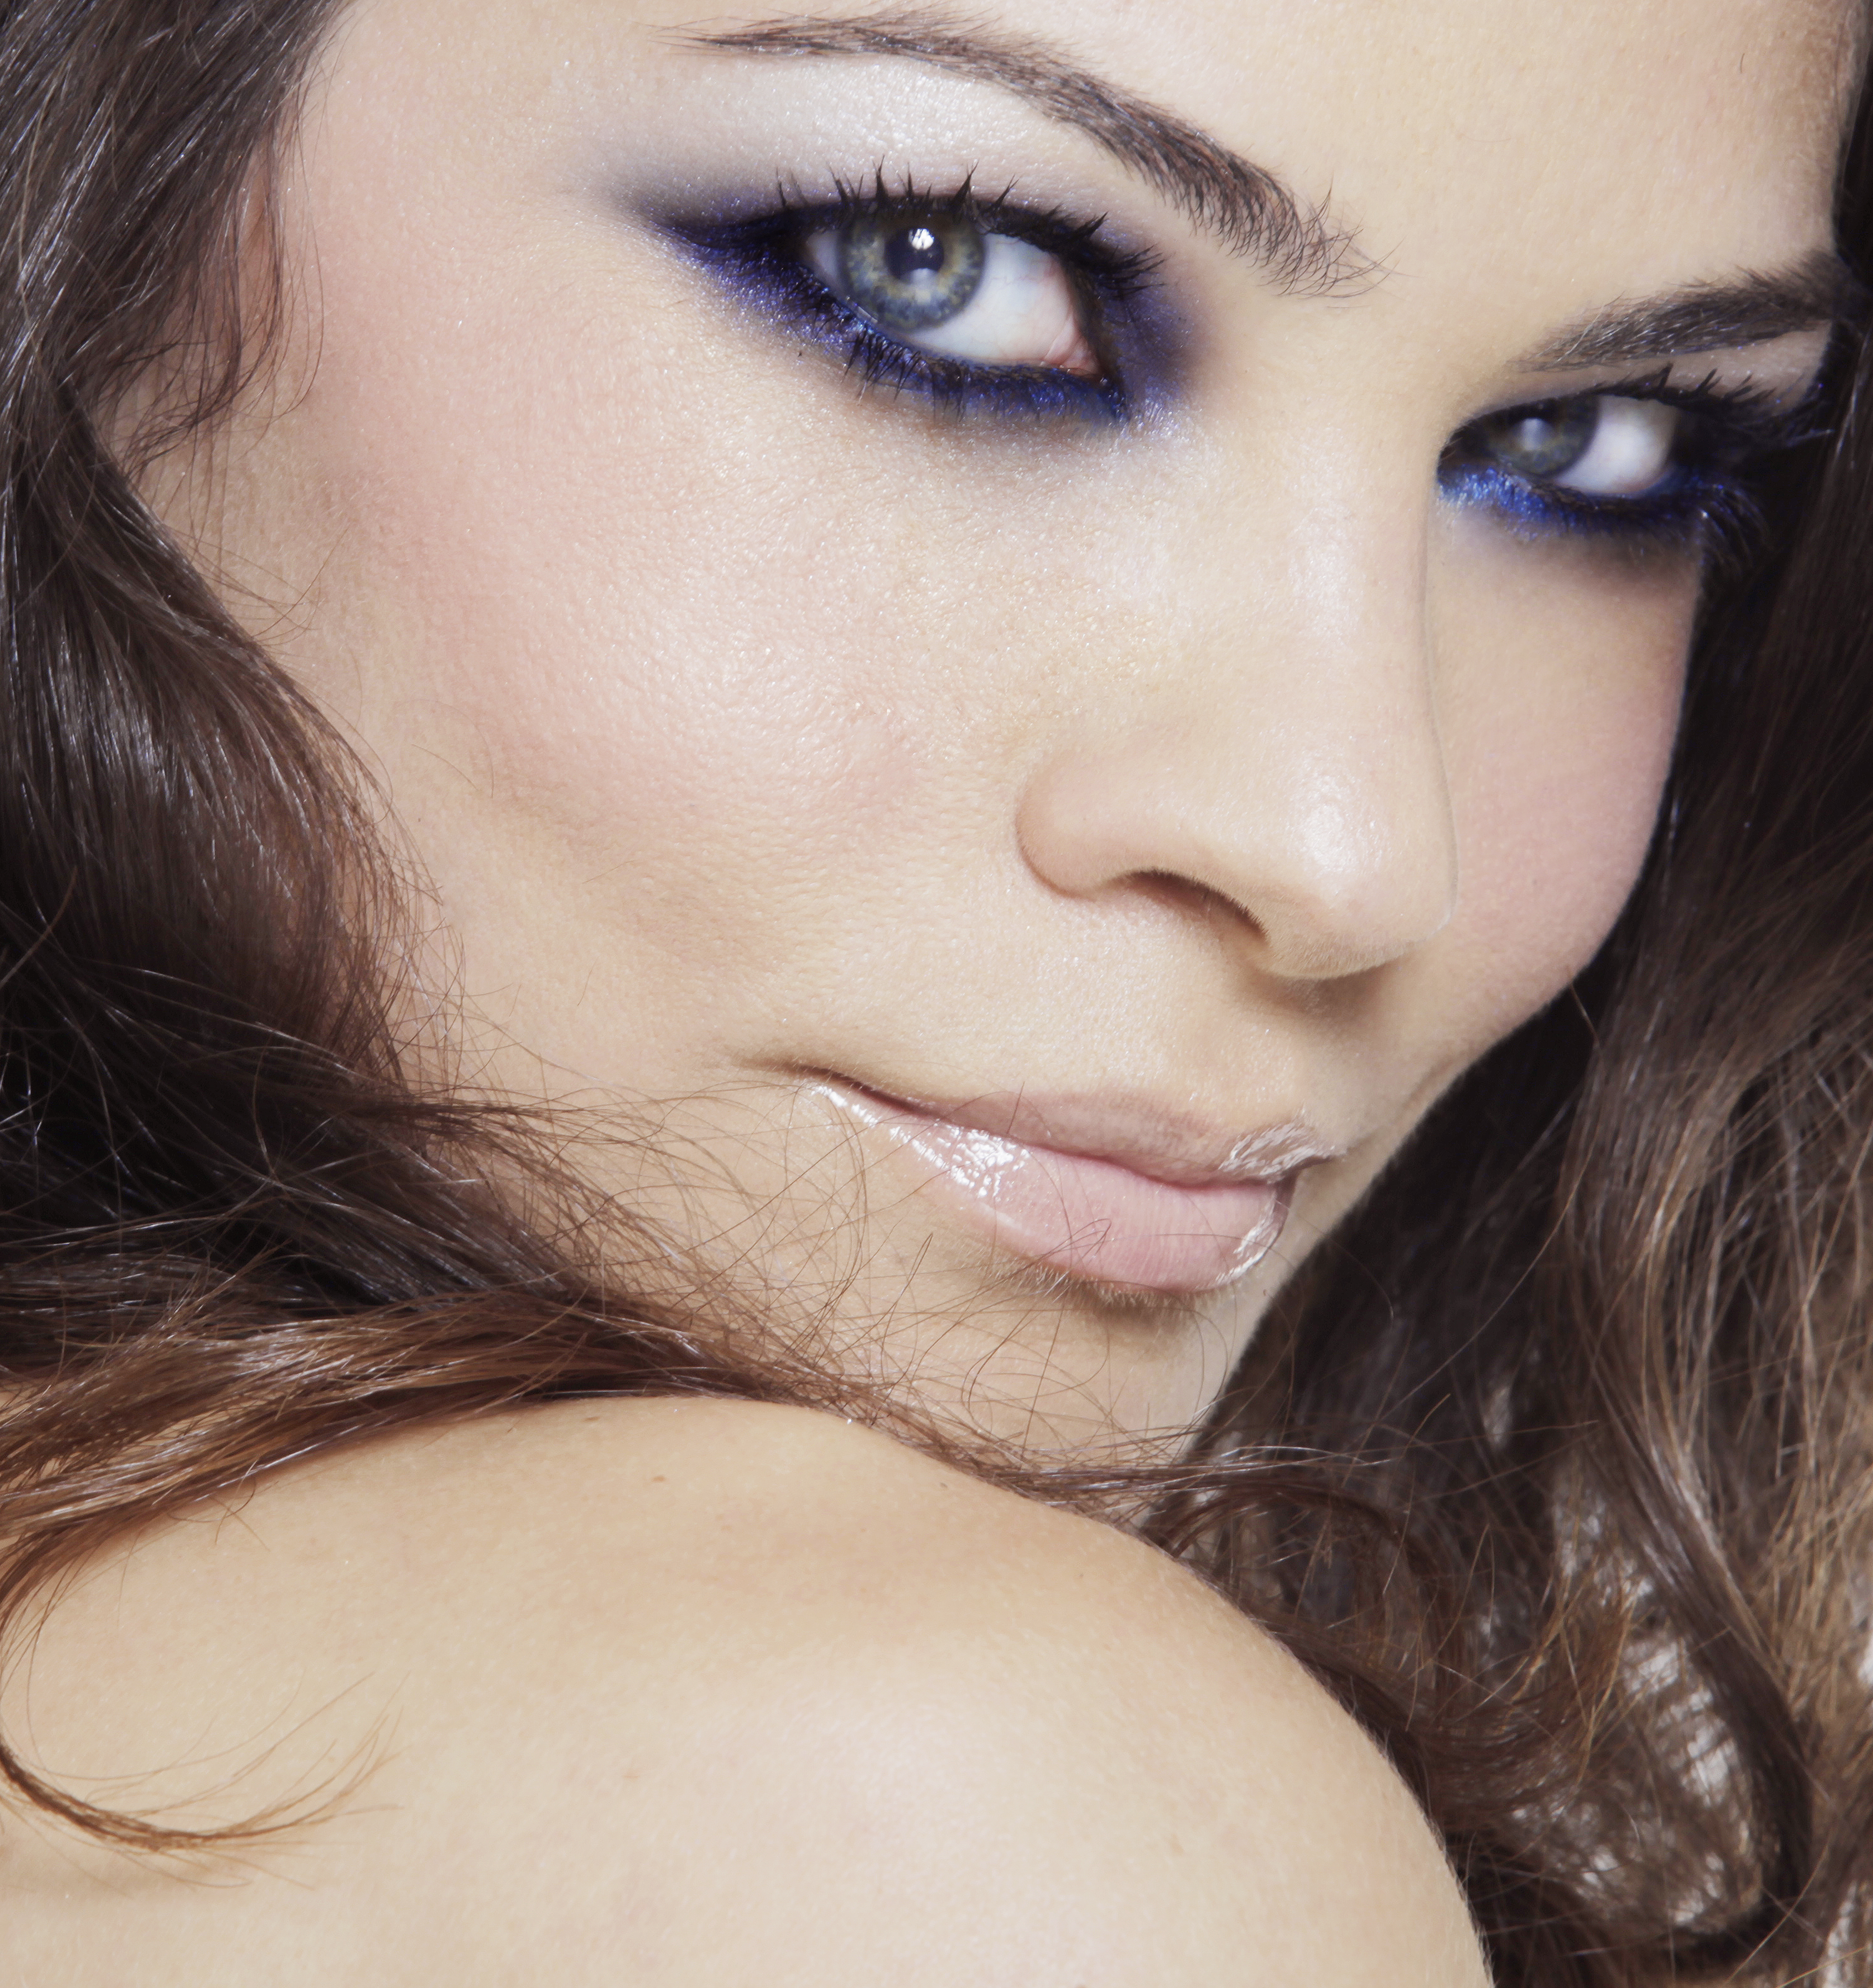 plavo 2 Make up saveti Marka Nikolića: Naoružajte se BB kremom i ružem u svetlijoj nijansi